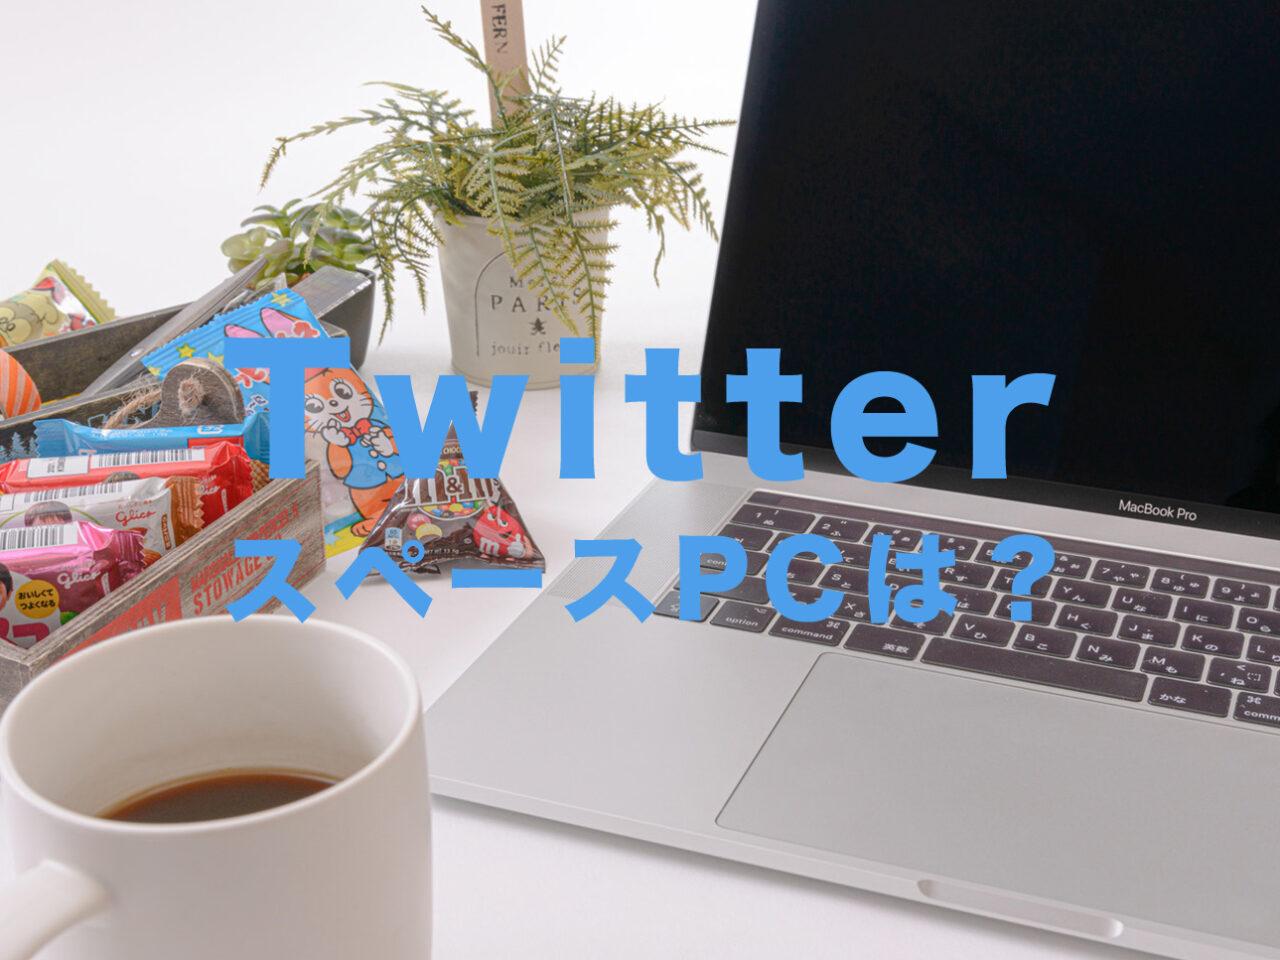 Twitterのスペース(Spaces)はPC&ブラウザ版でもできる?【ツイッター】このスペースに参加できませんとは?のサムネイル画像